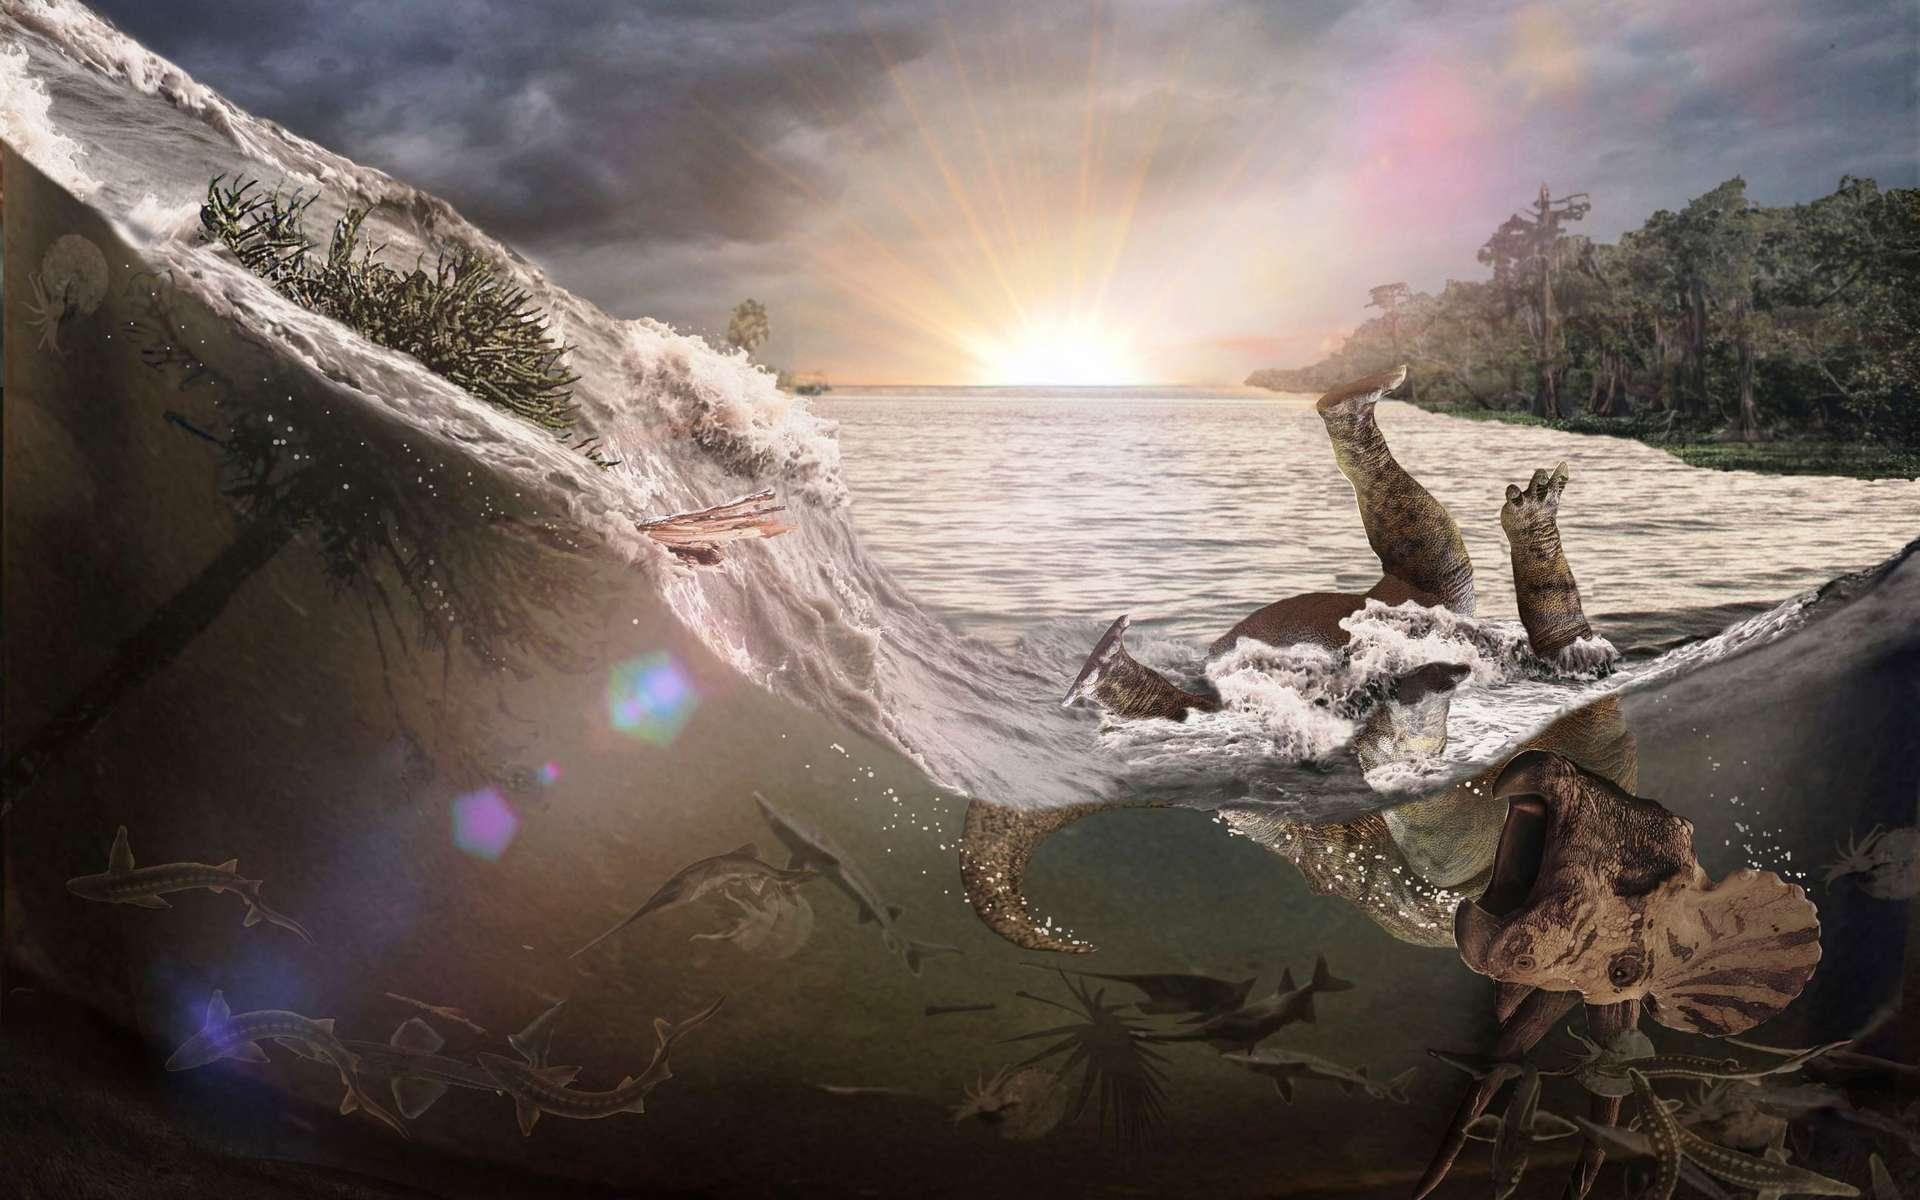 Une vue d'artiste des évènements à l'origine du site de Tanis, un instantané de la mort des dinosaures. © Robert DePalma